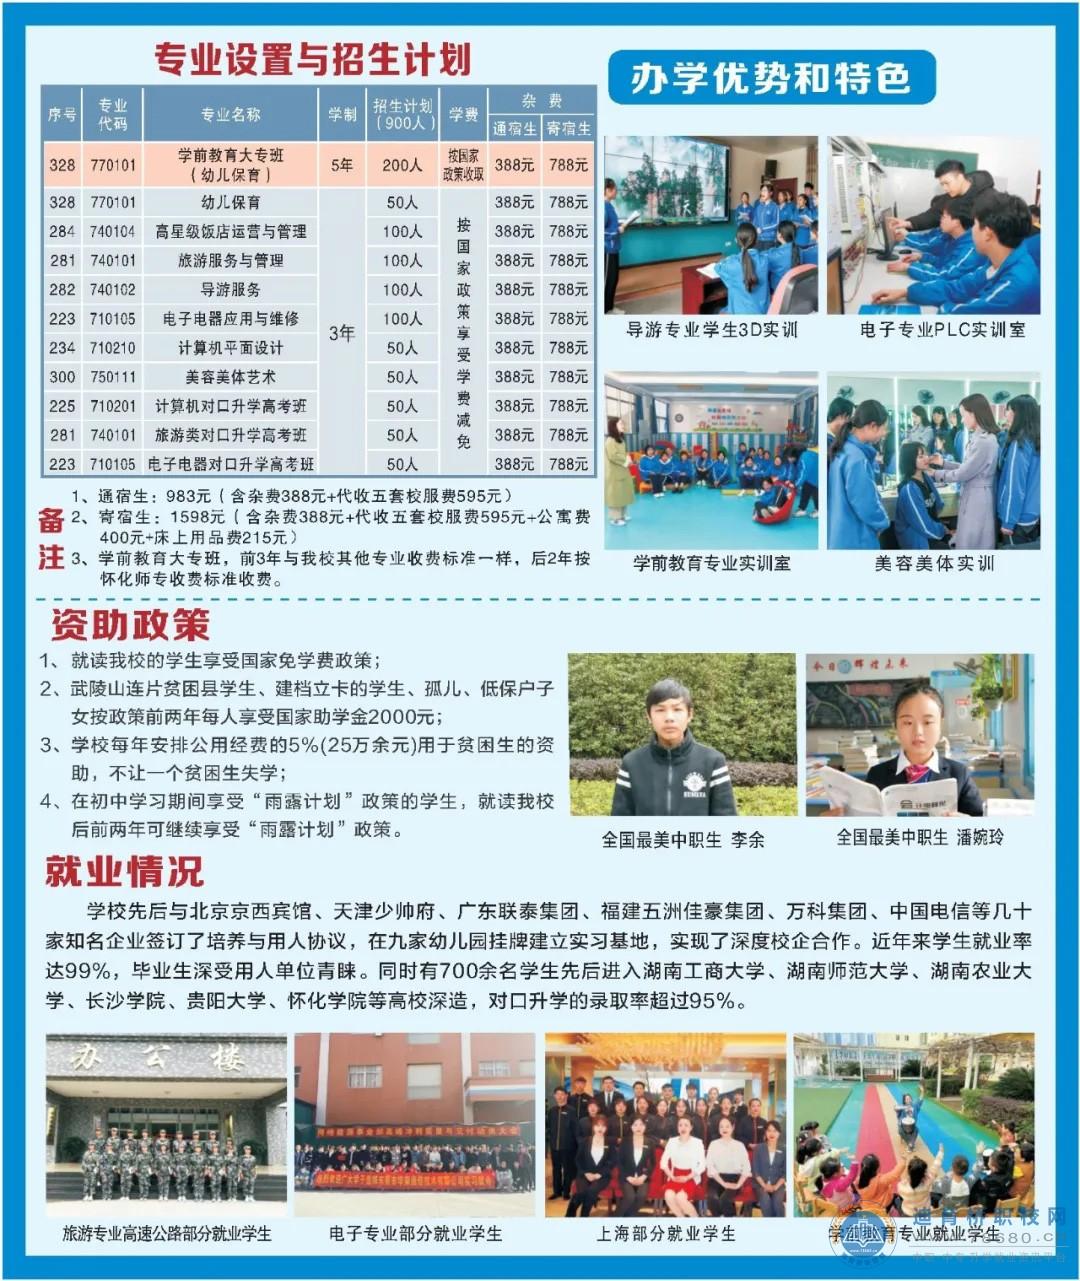 怀化市旅游学校2021年招生简章